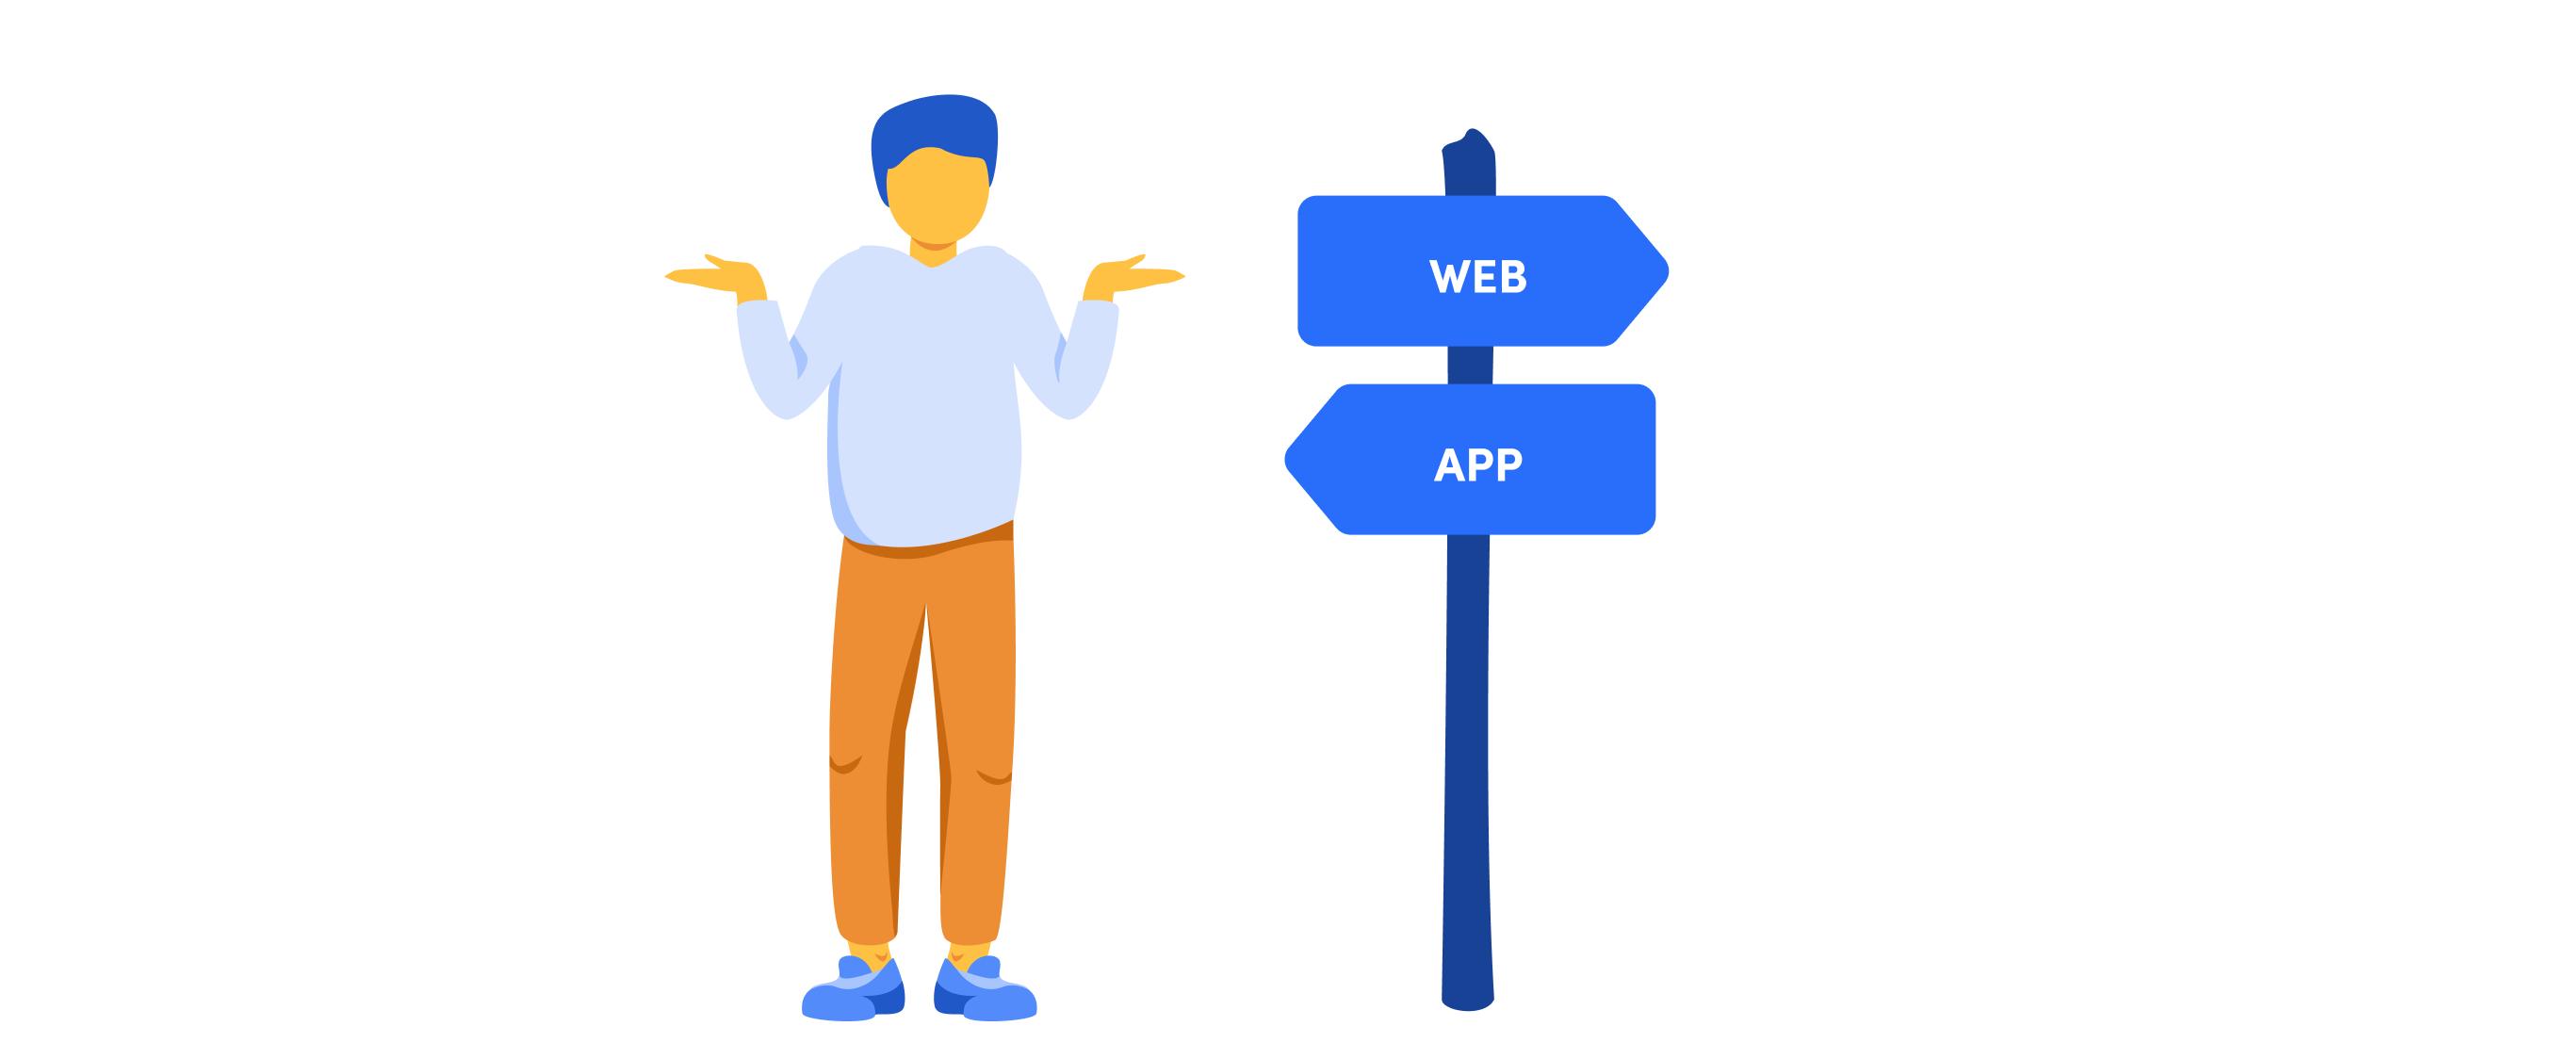 Eine Person steht vor einem Wegweiser, auf dem die beiden Optionen Web und App angezeigt werden.